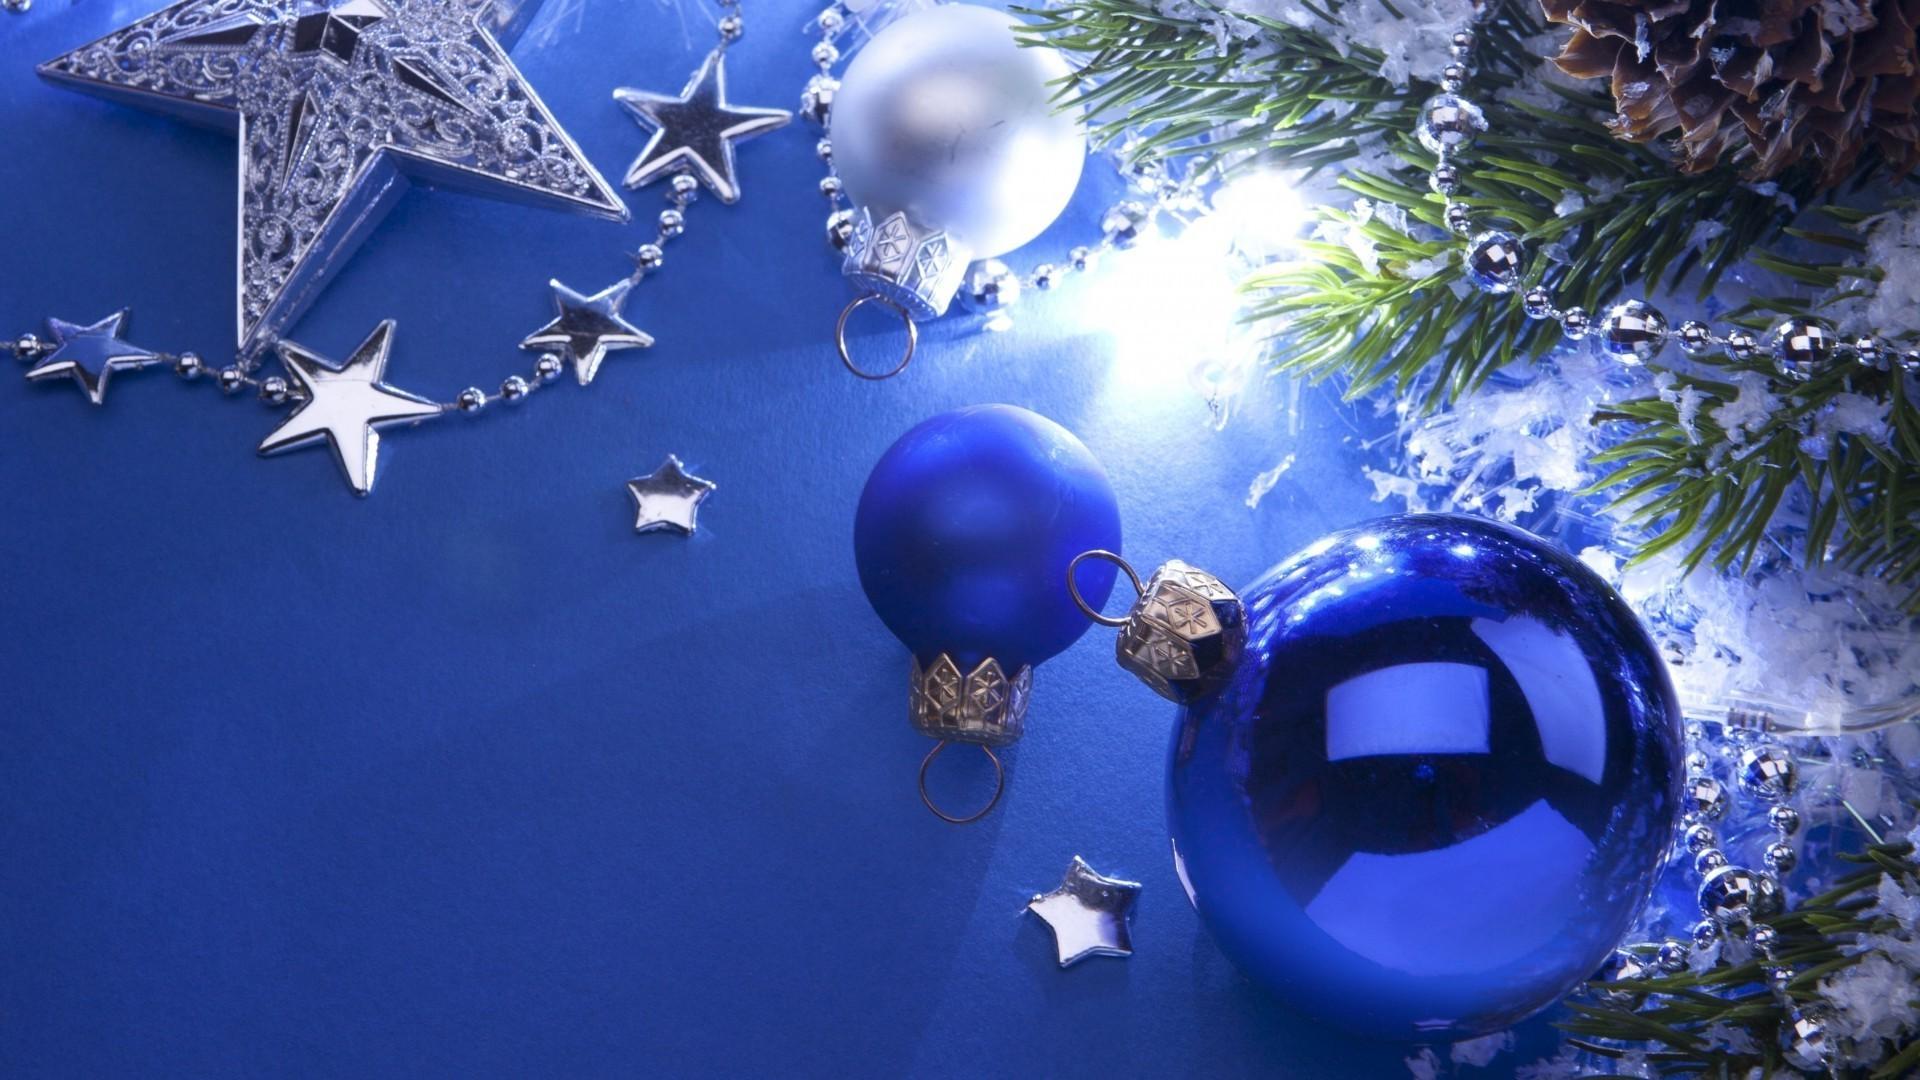 Фото связанное с новым годом